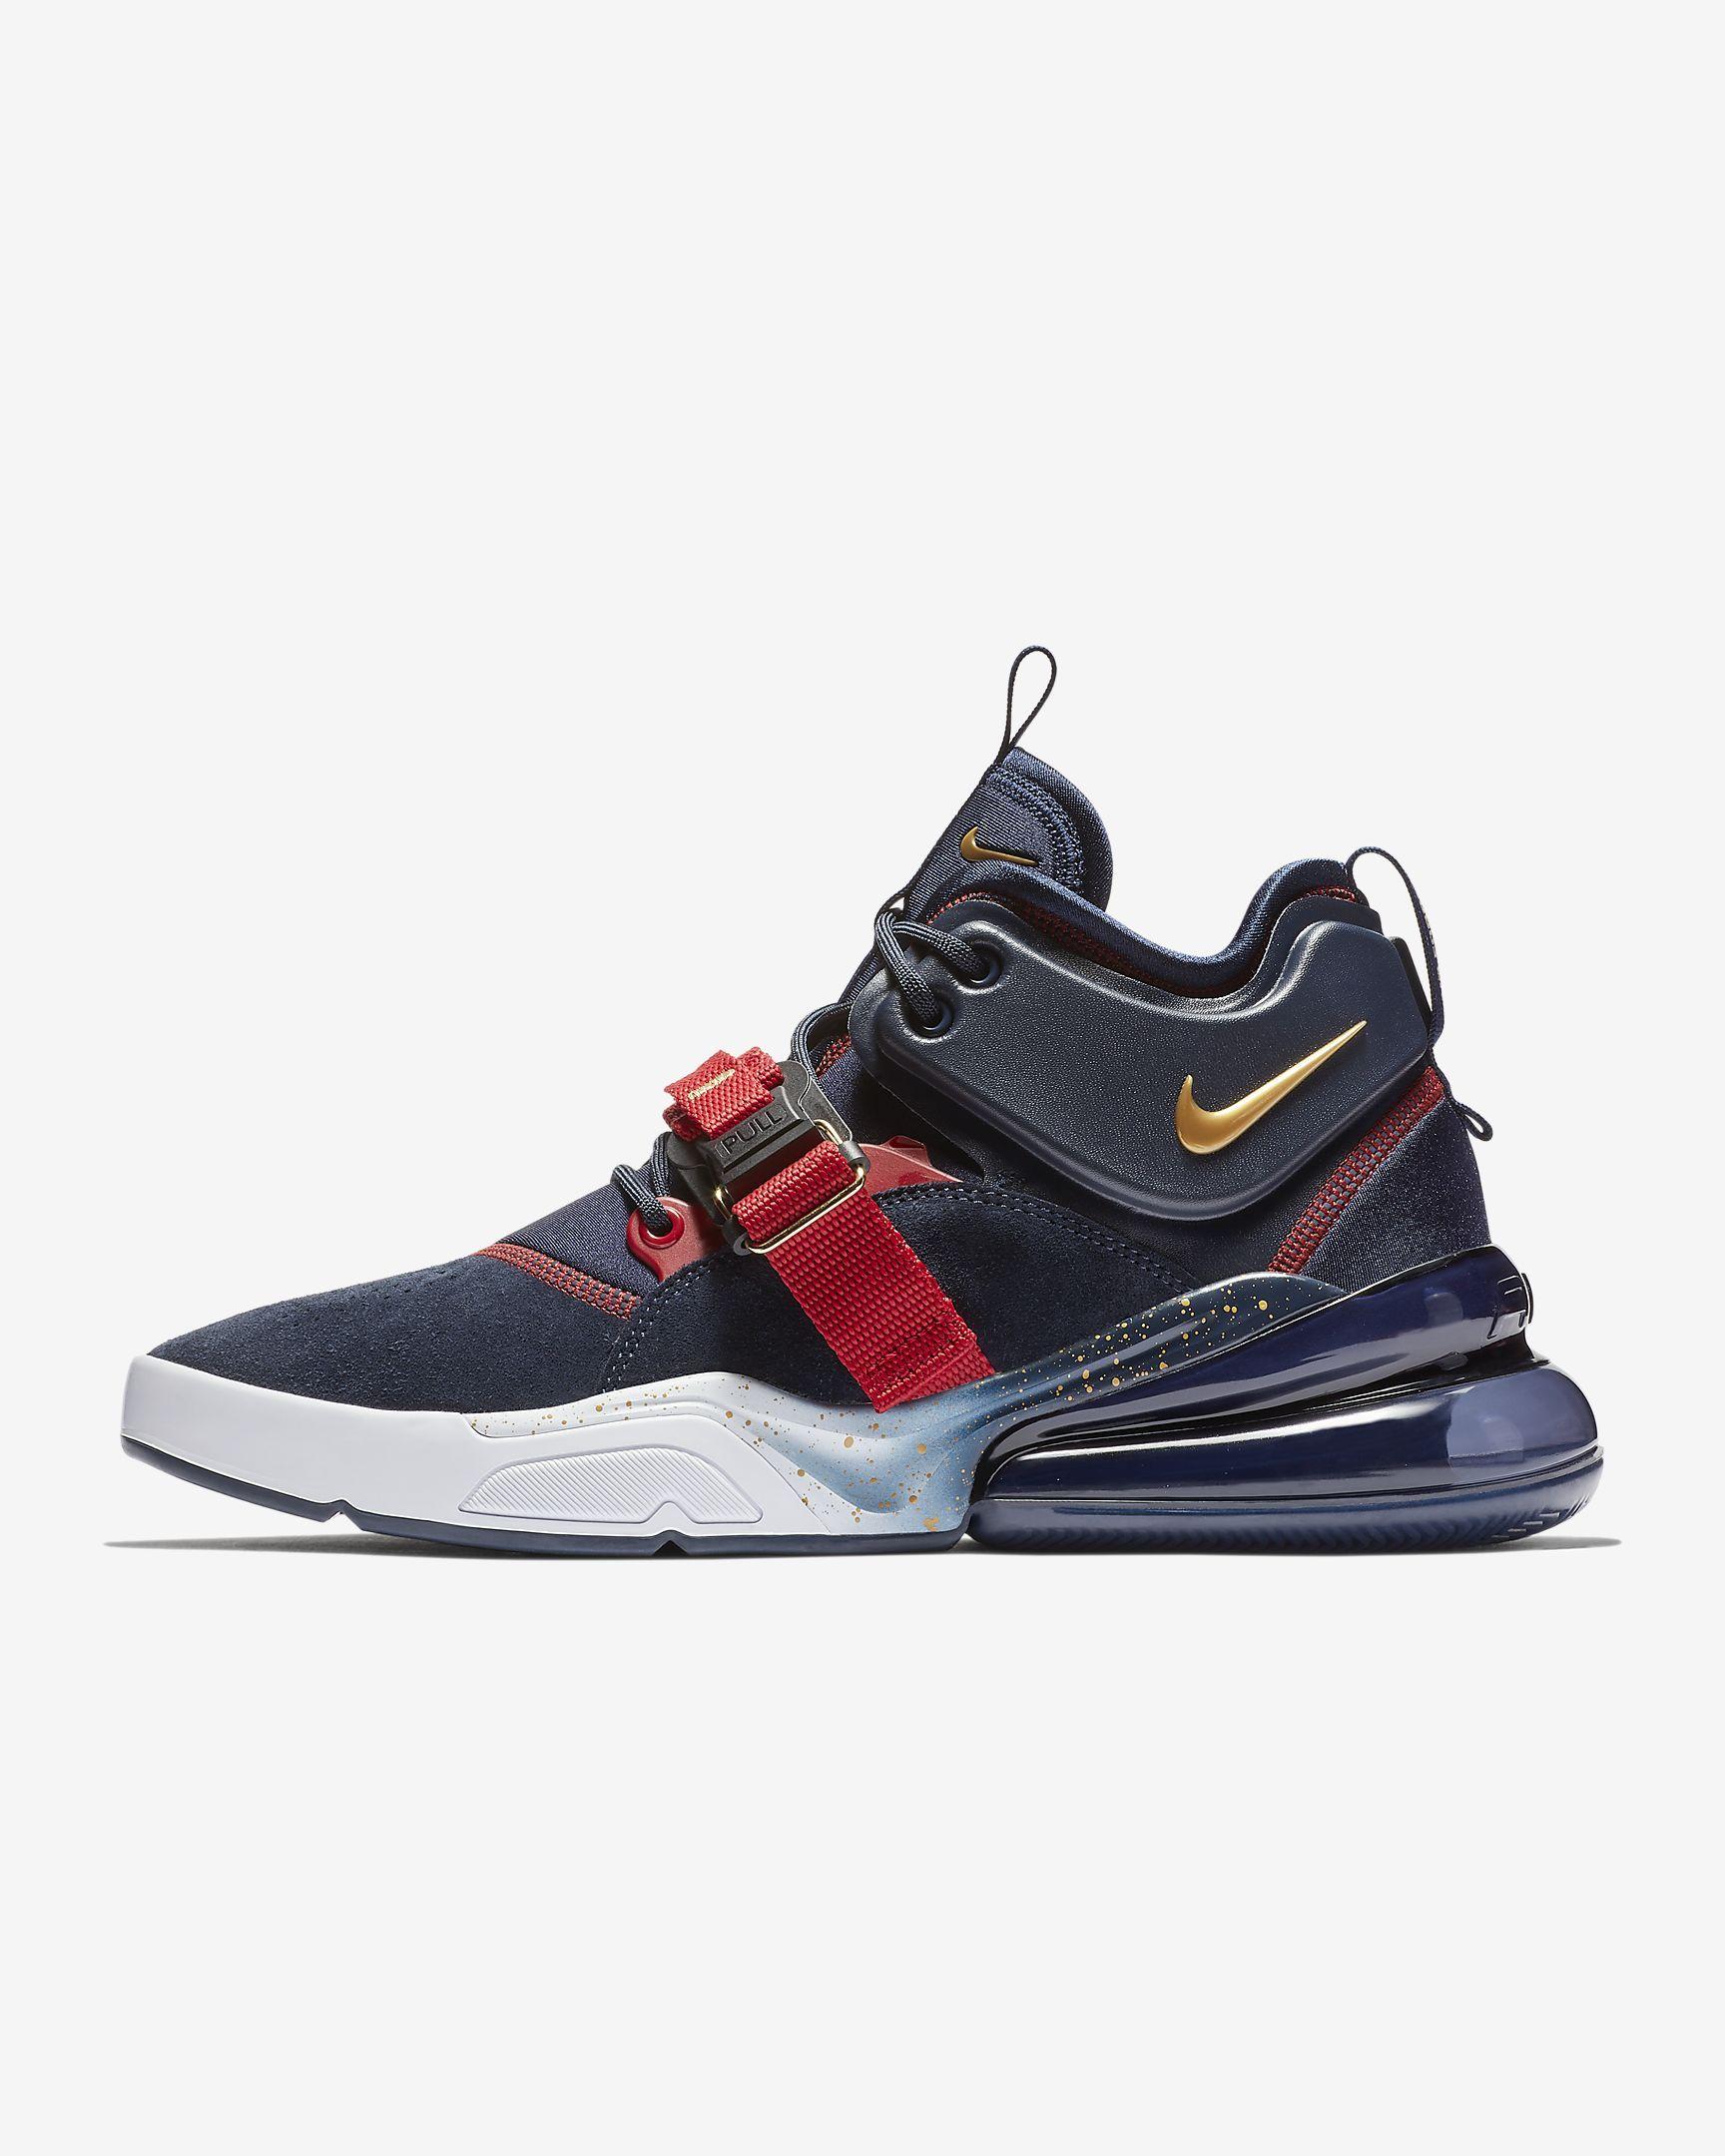 Air schuhe 2019Nike Nike Force in ShoeSchuhe Men's 270 EWYI2DH9